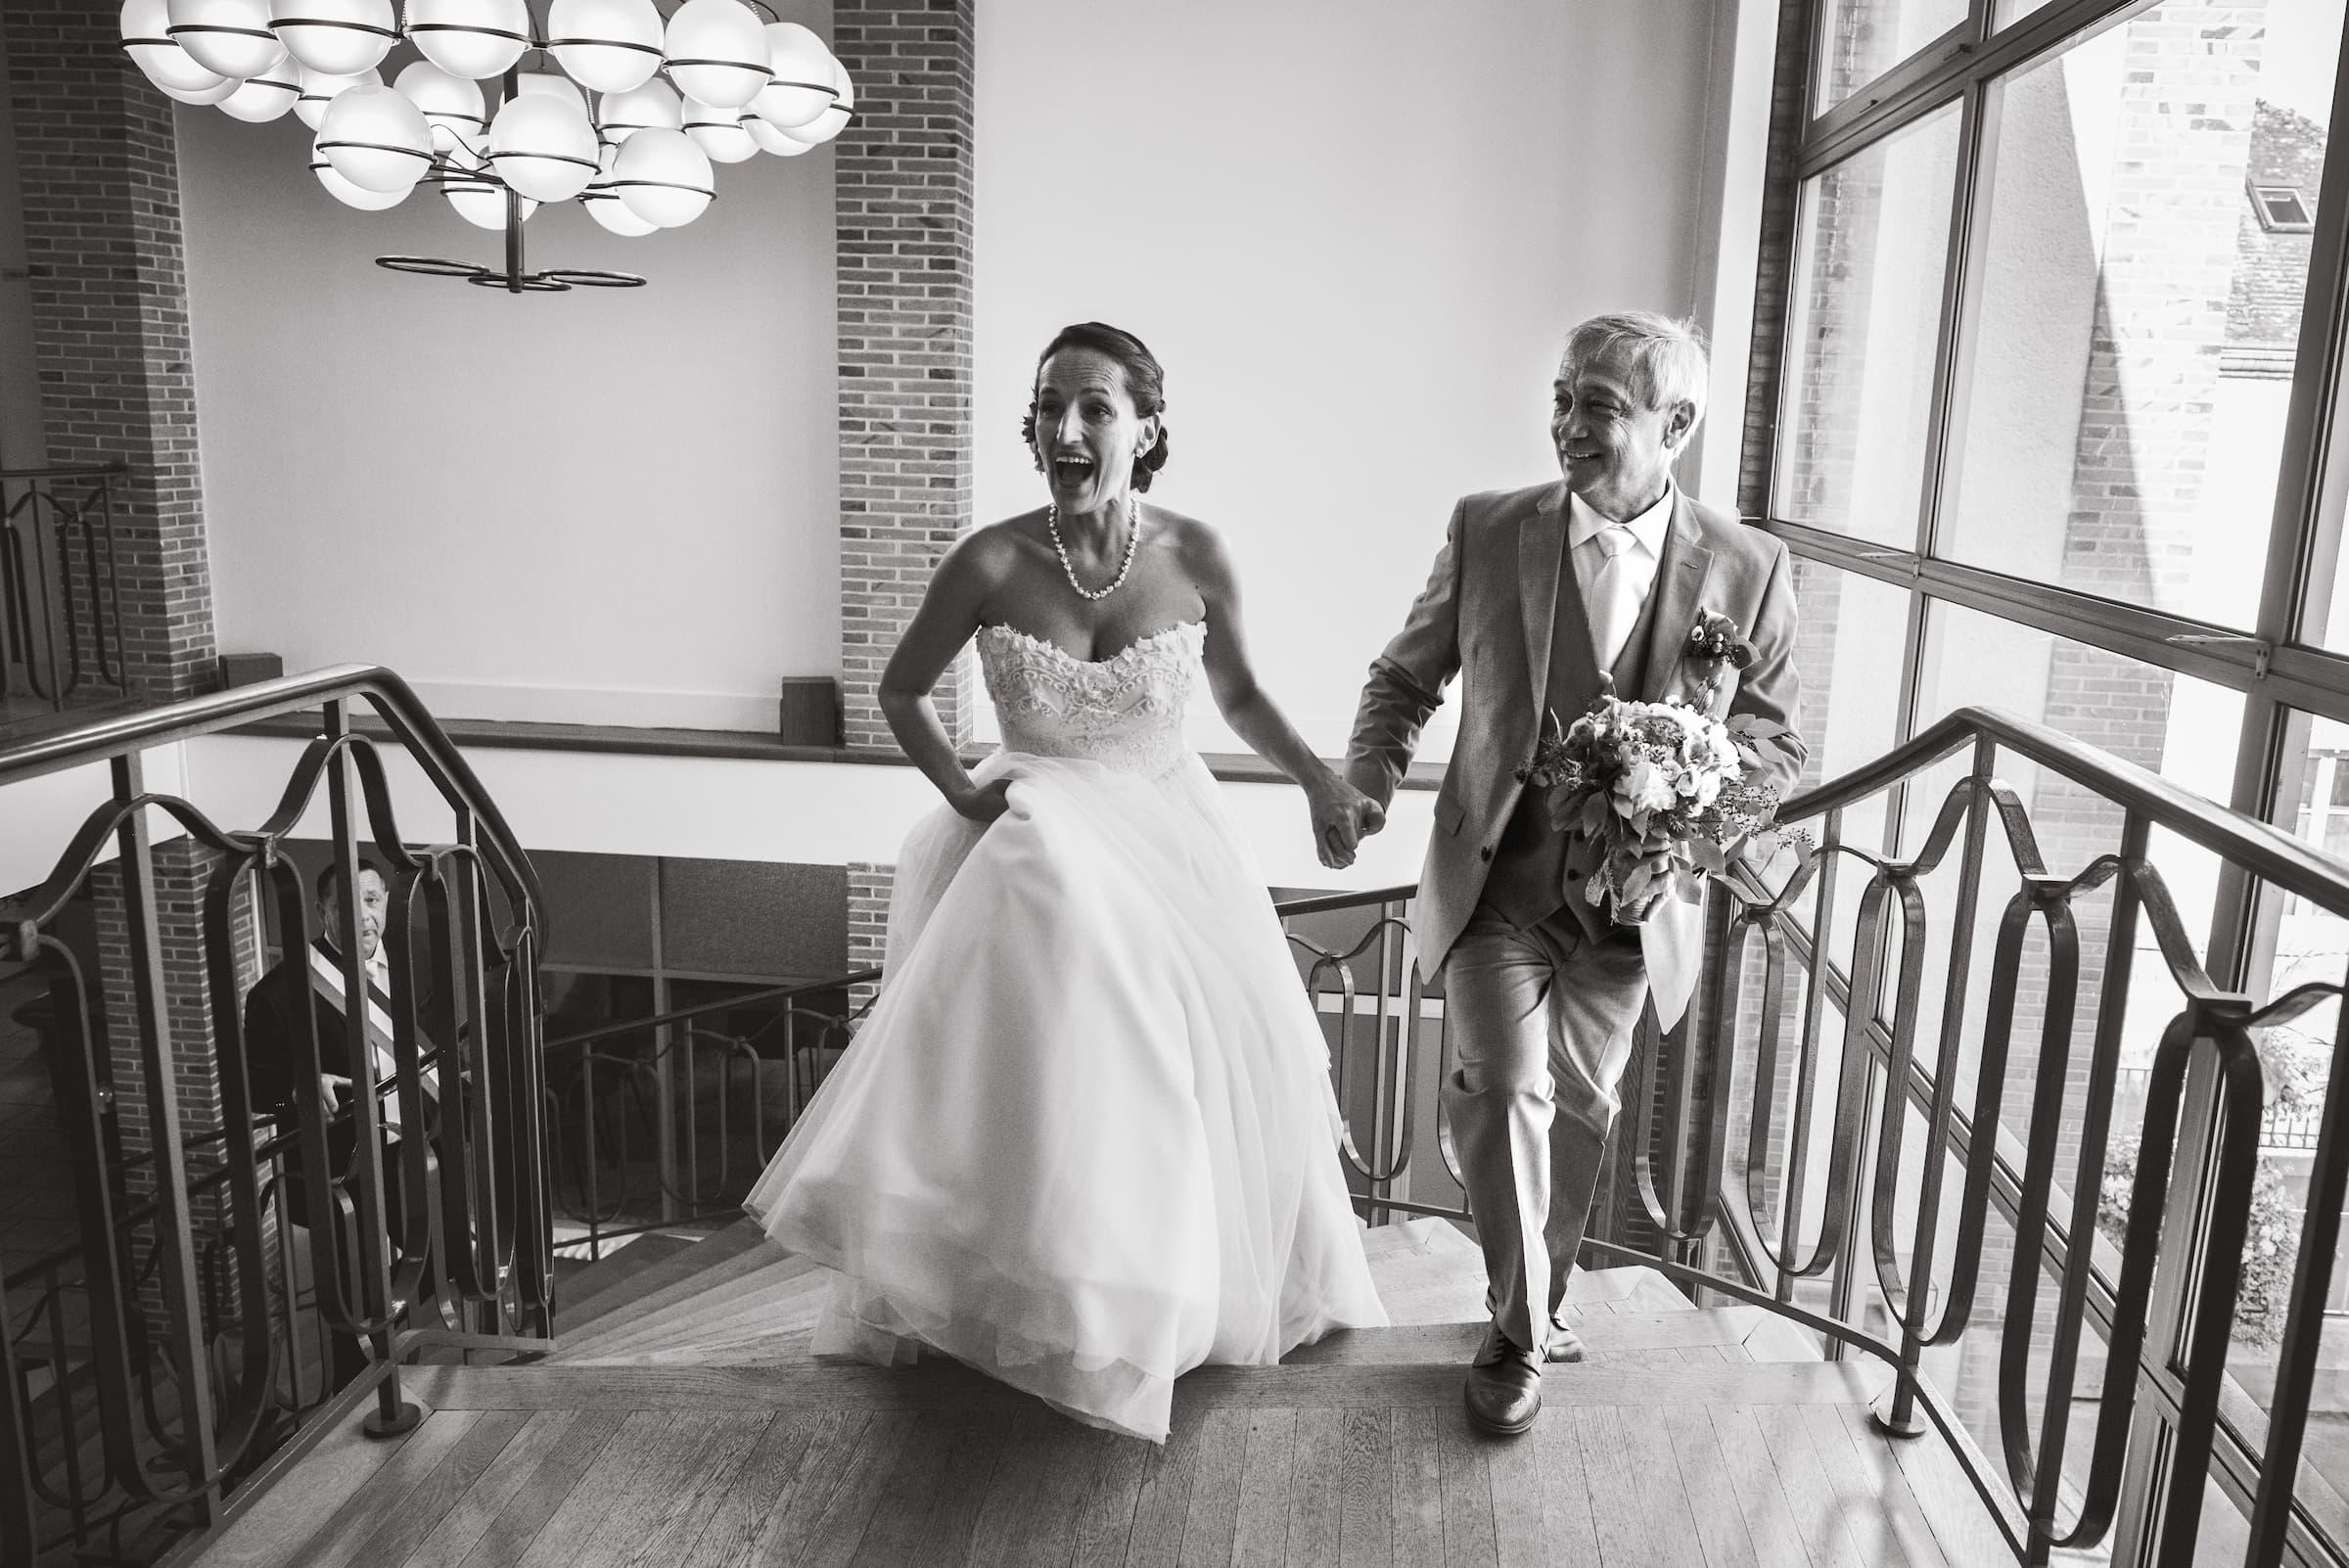 christelle saffroy photographe reportage mariage region centre loiret 45